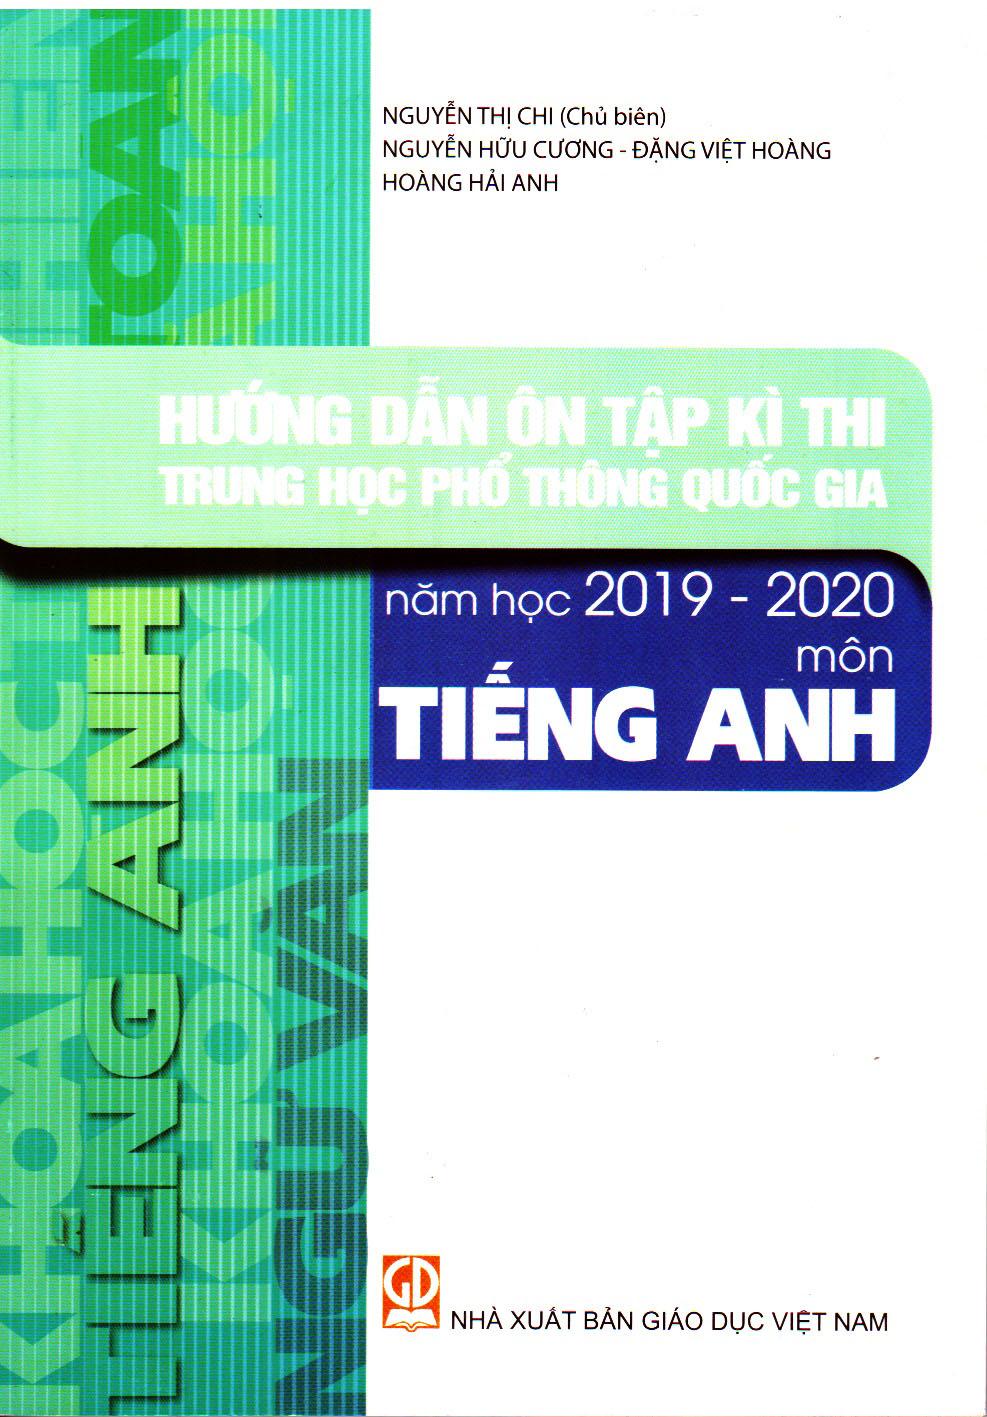 Hướng dẫn ôn tập kì thi THPT QG năm học 2019 - 2020 môn Tiếng Anh